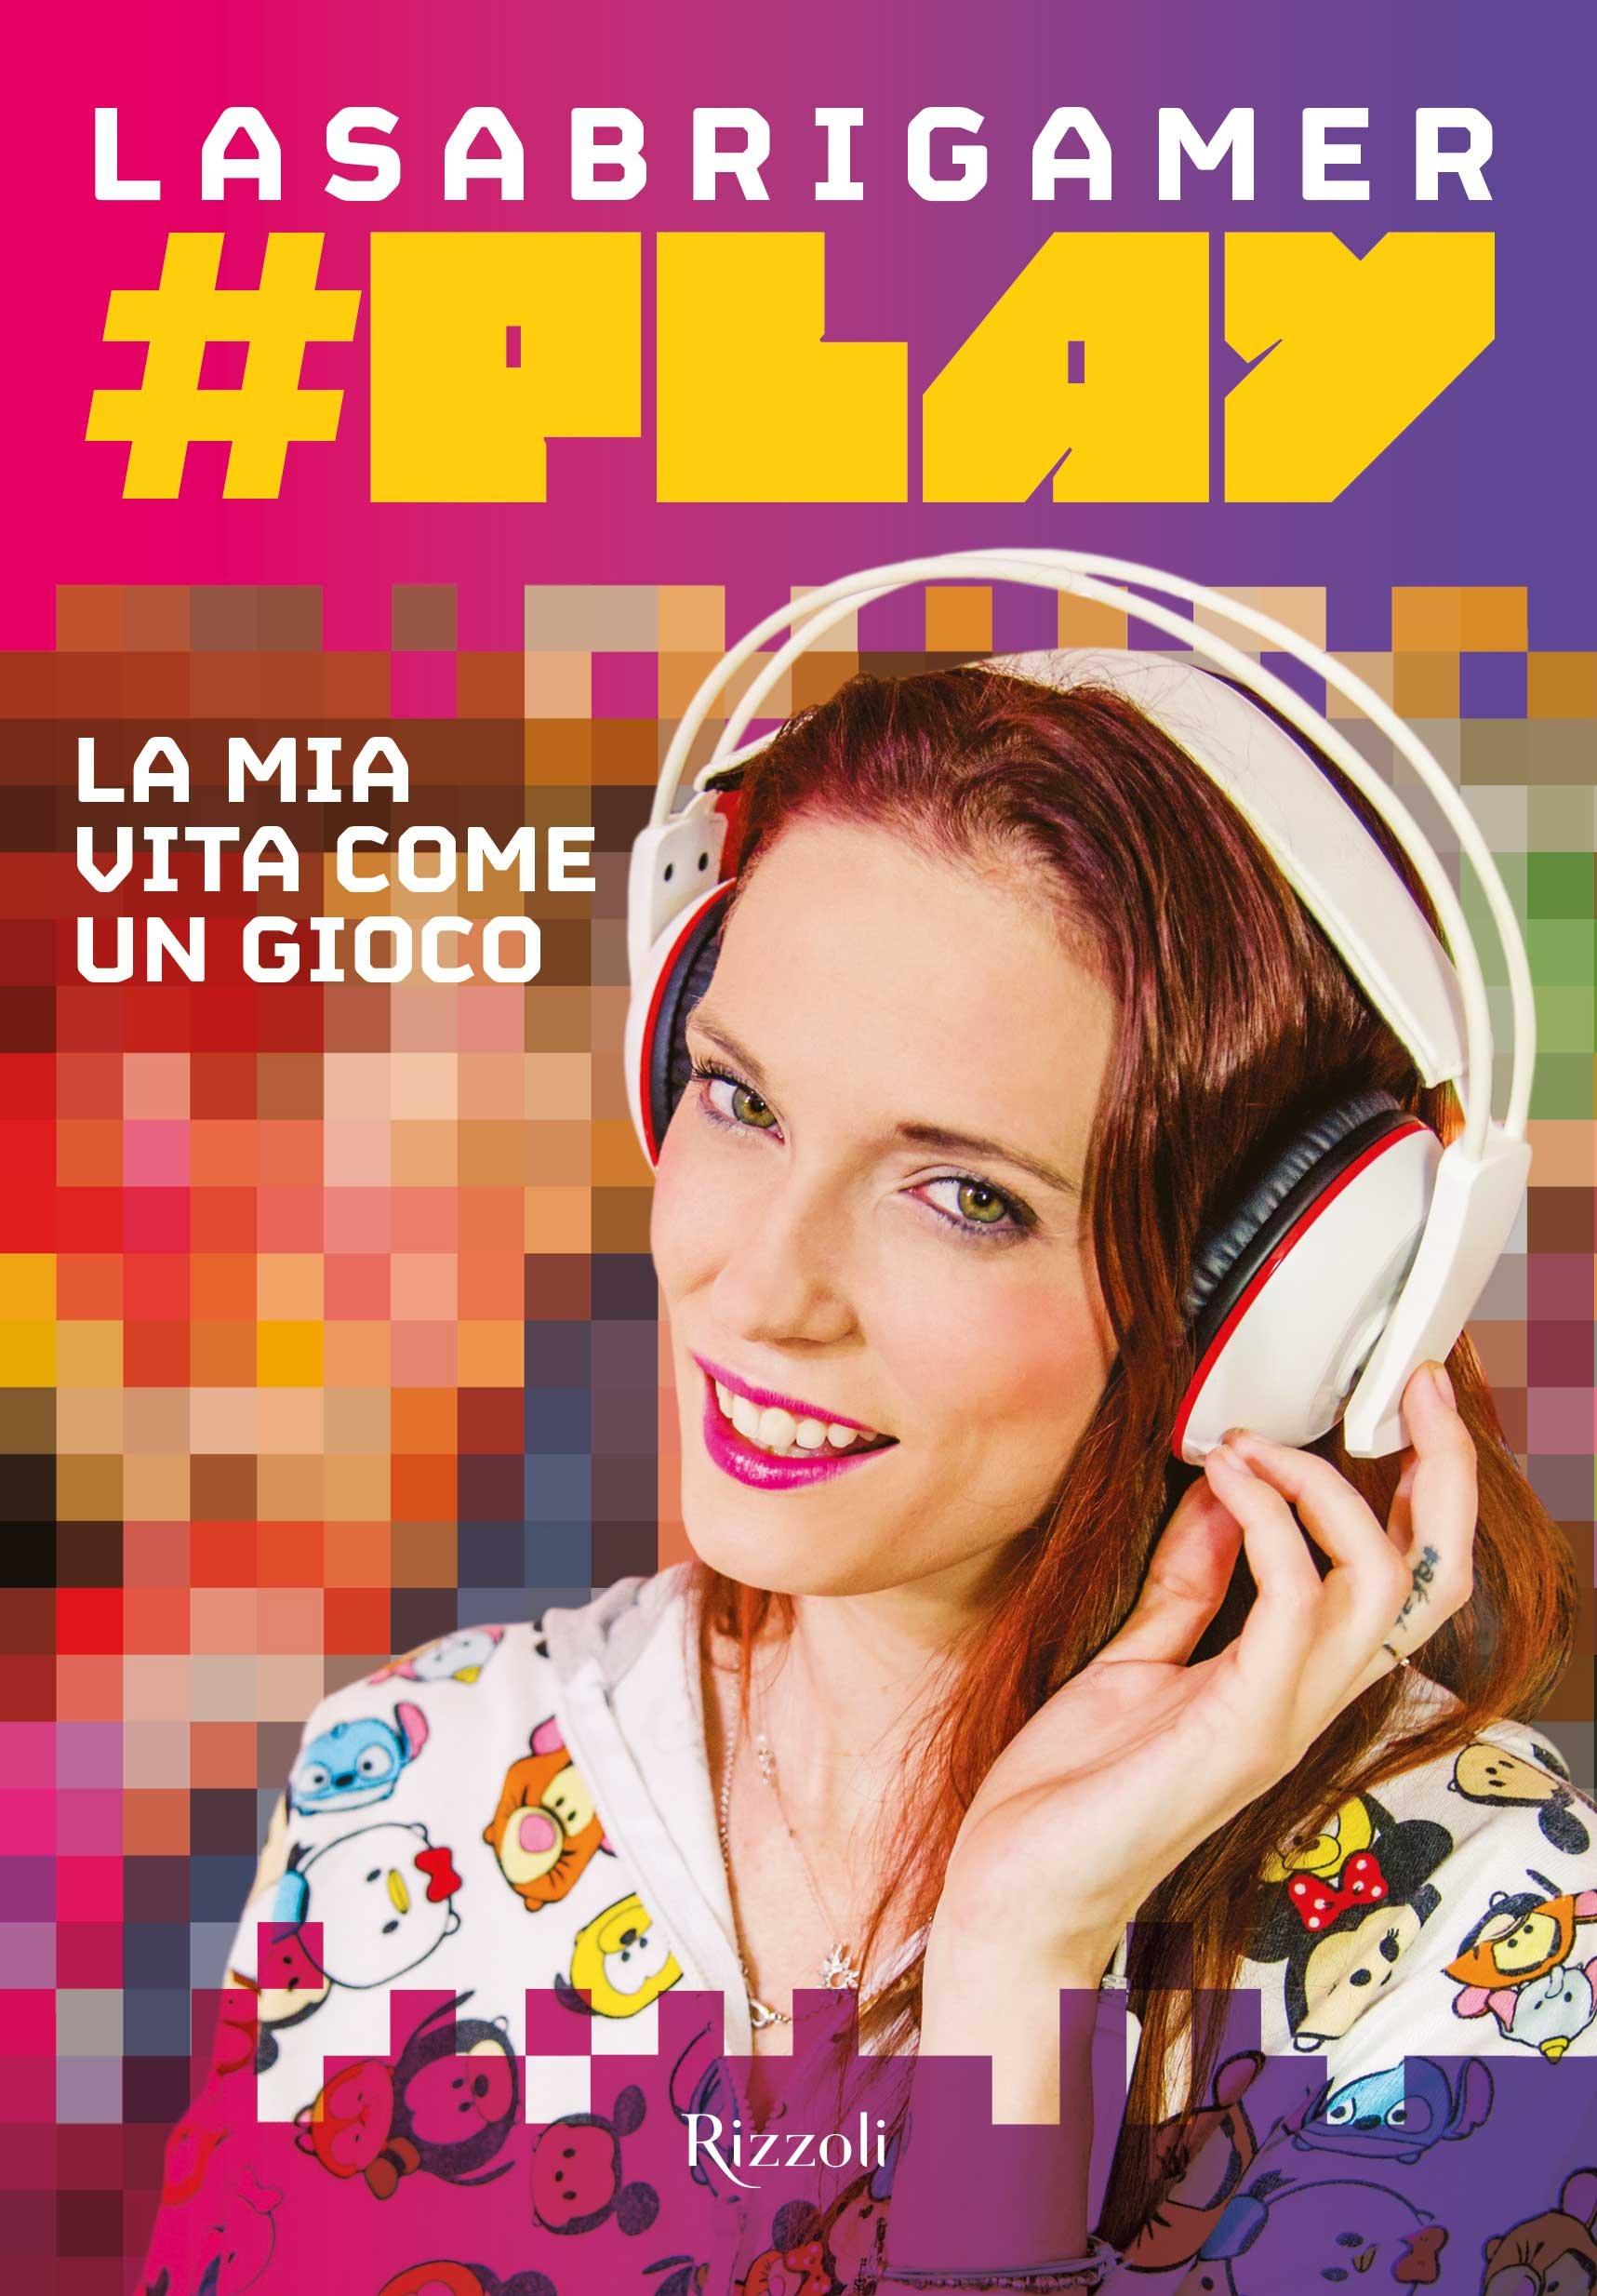 #Play. La mia vita come un gioco Copertina flessibile – 30 mar 2017 LaSabrigamer Rizzoli 8817092320 Altra non illustrata